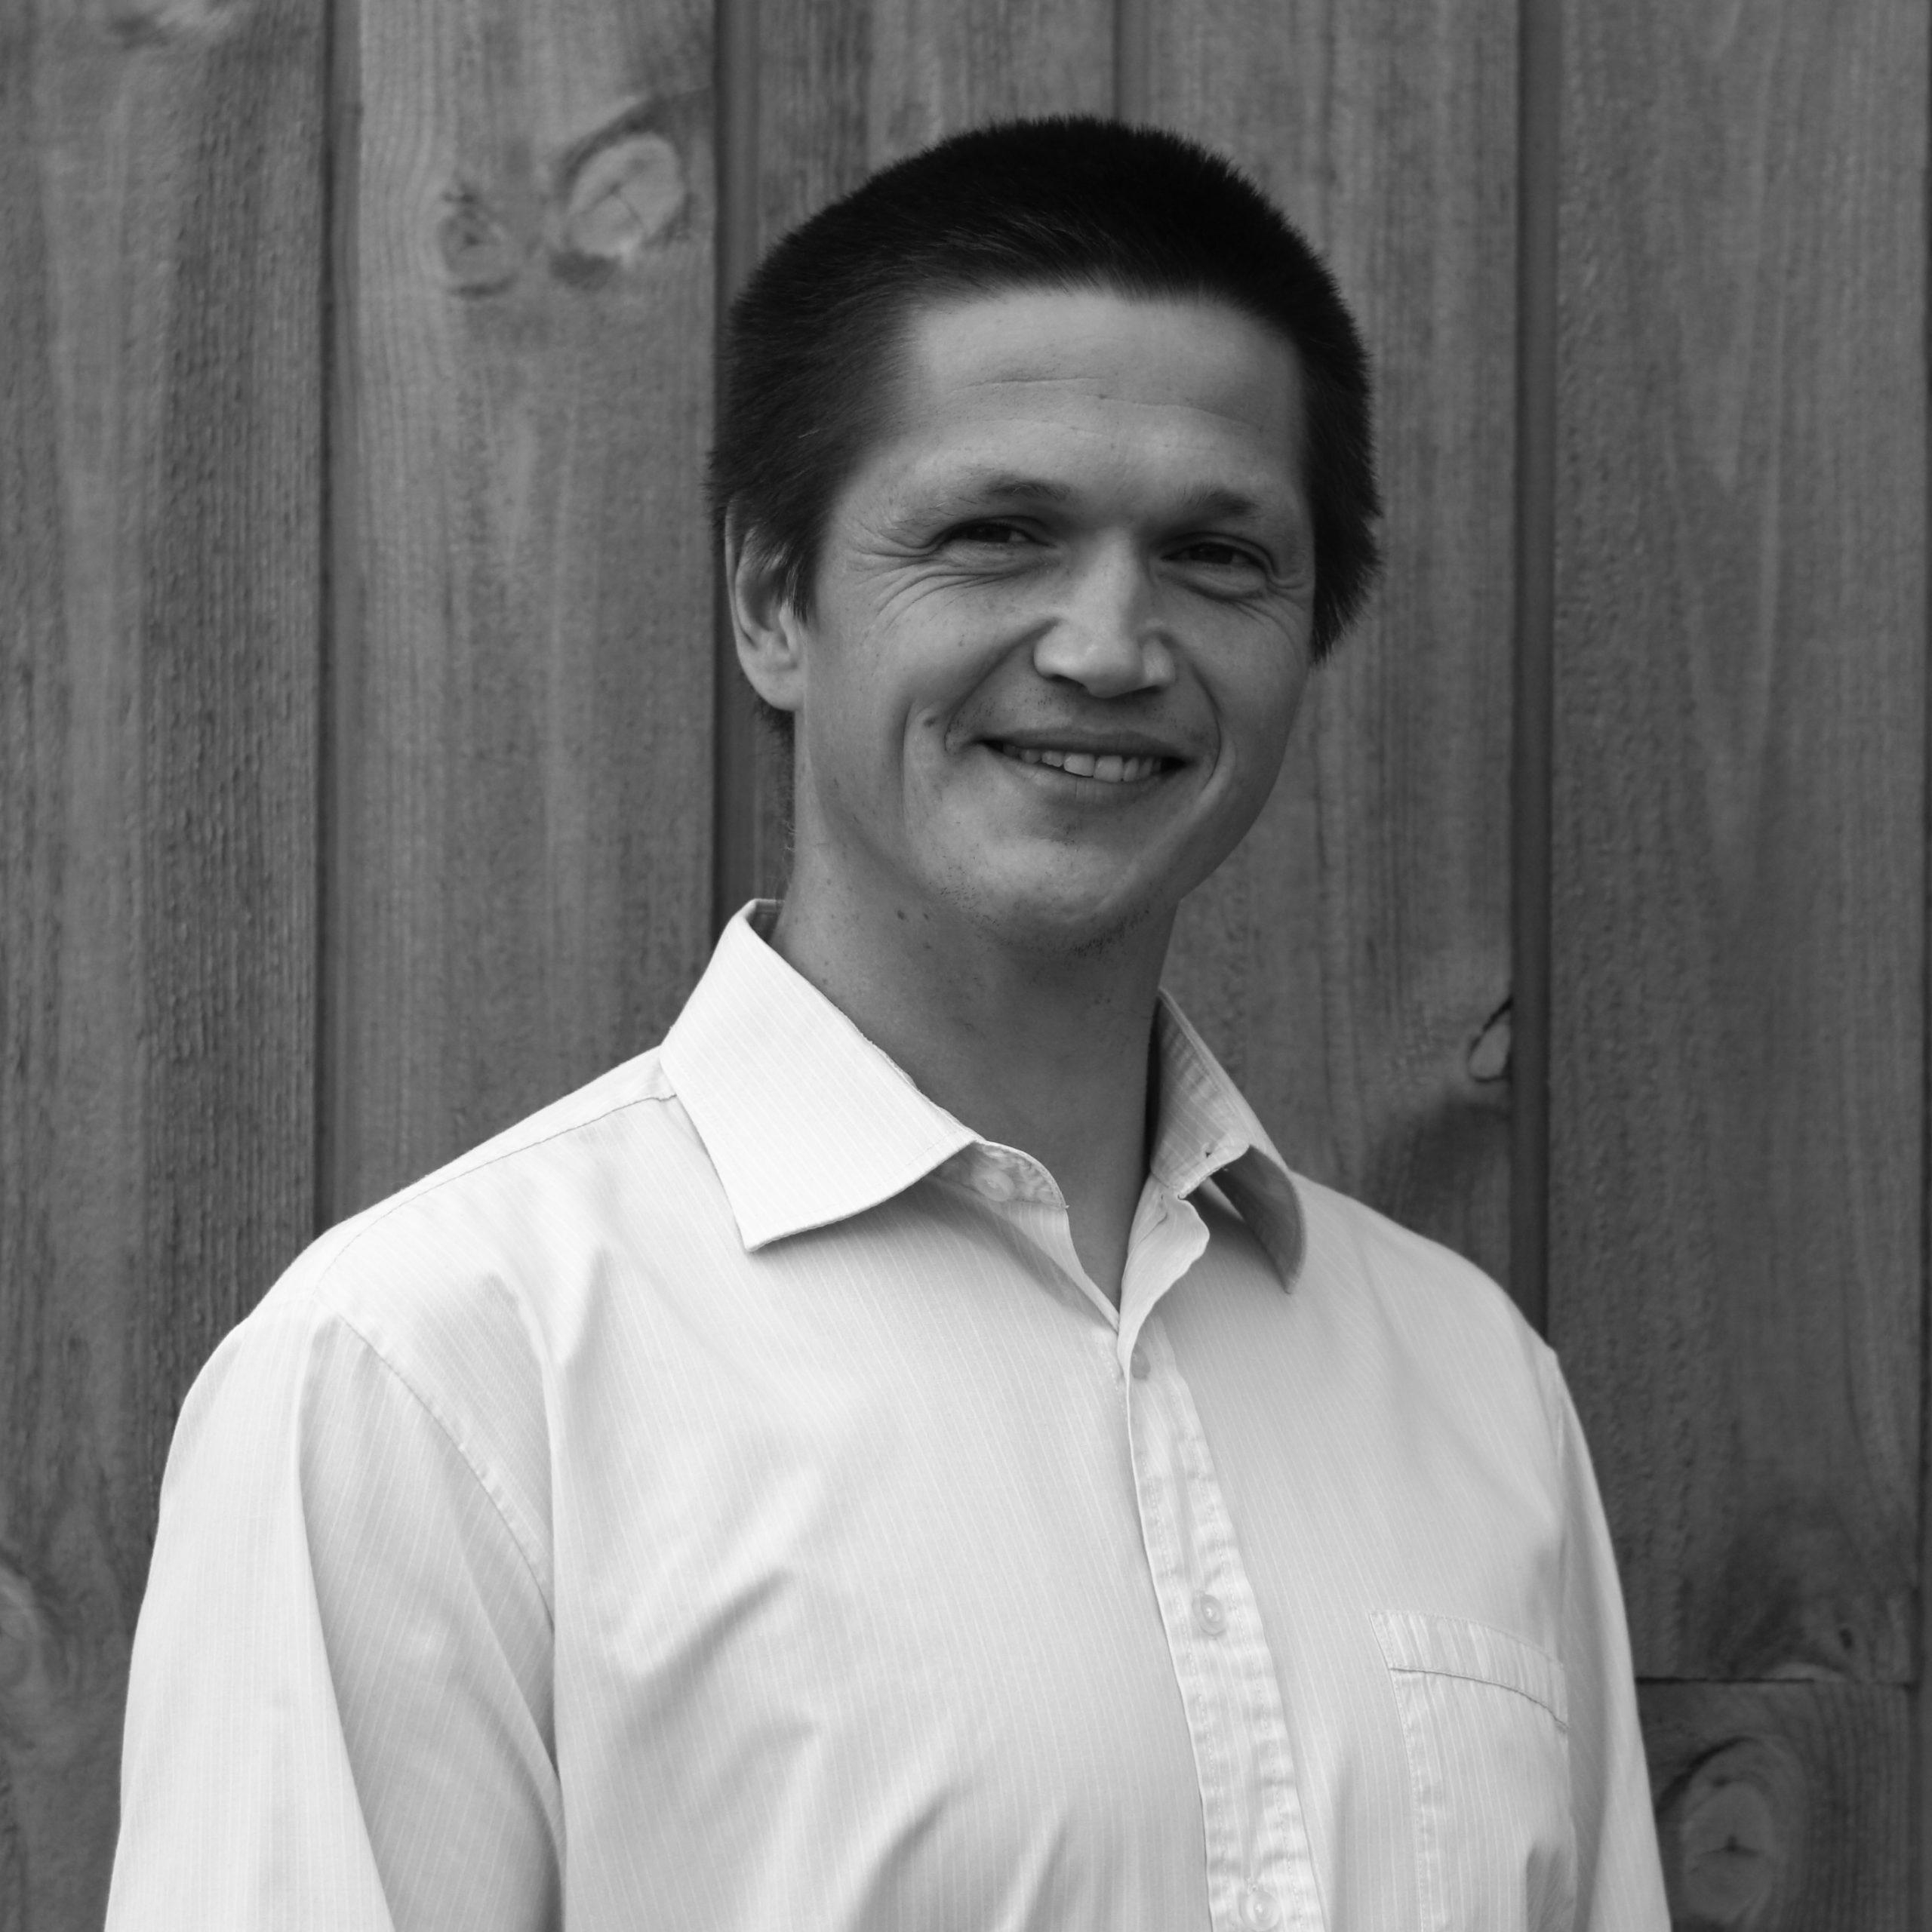 Martin Krugerud